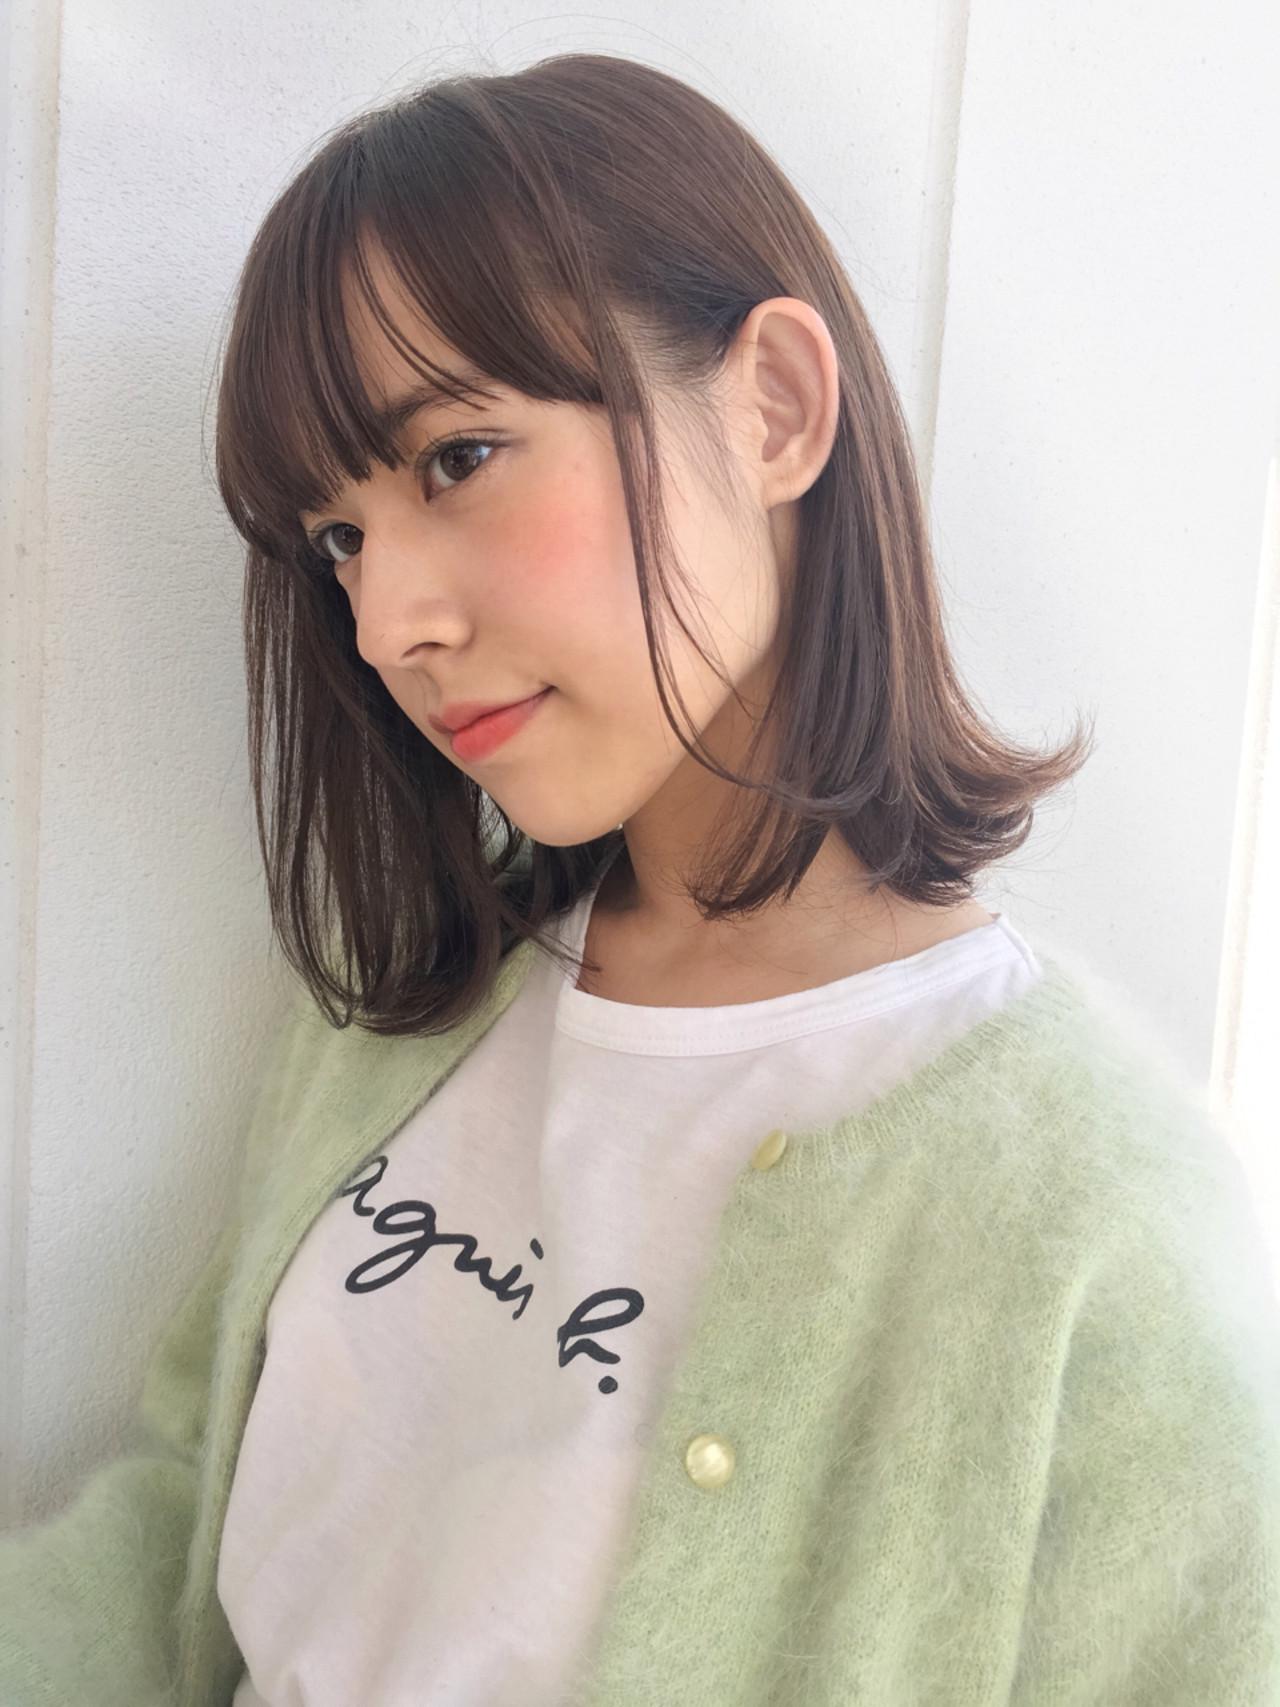 ミディアムストレートは耳かけがかわいい♡ GARDEN harajyuku 細田